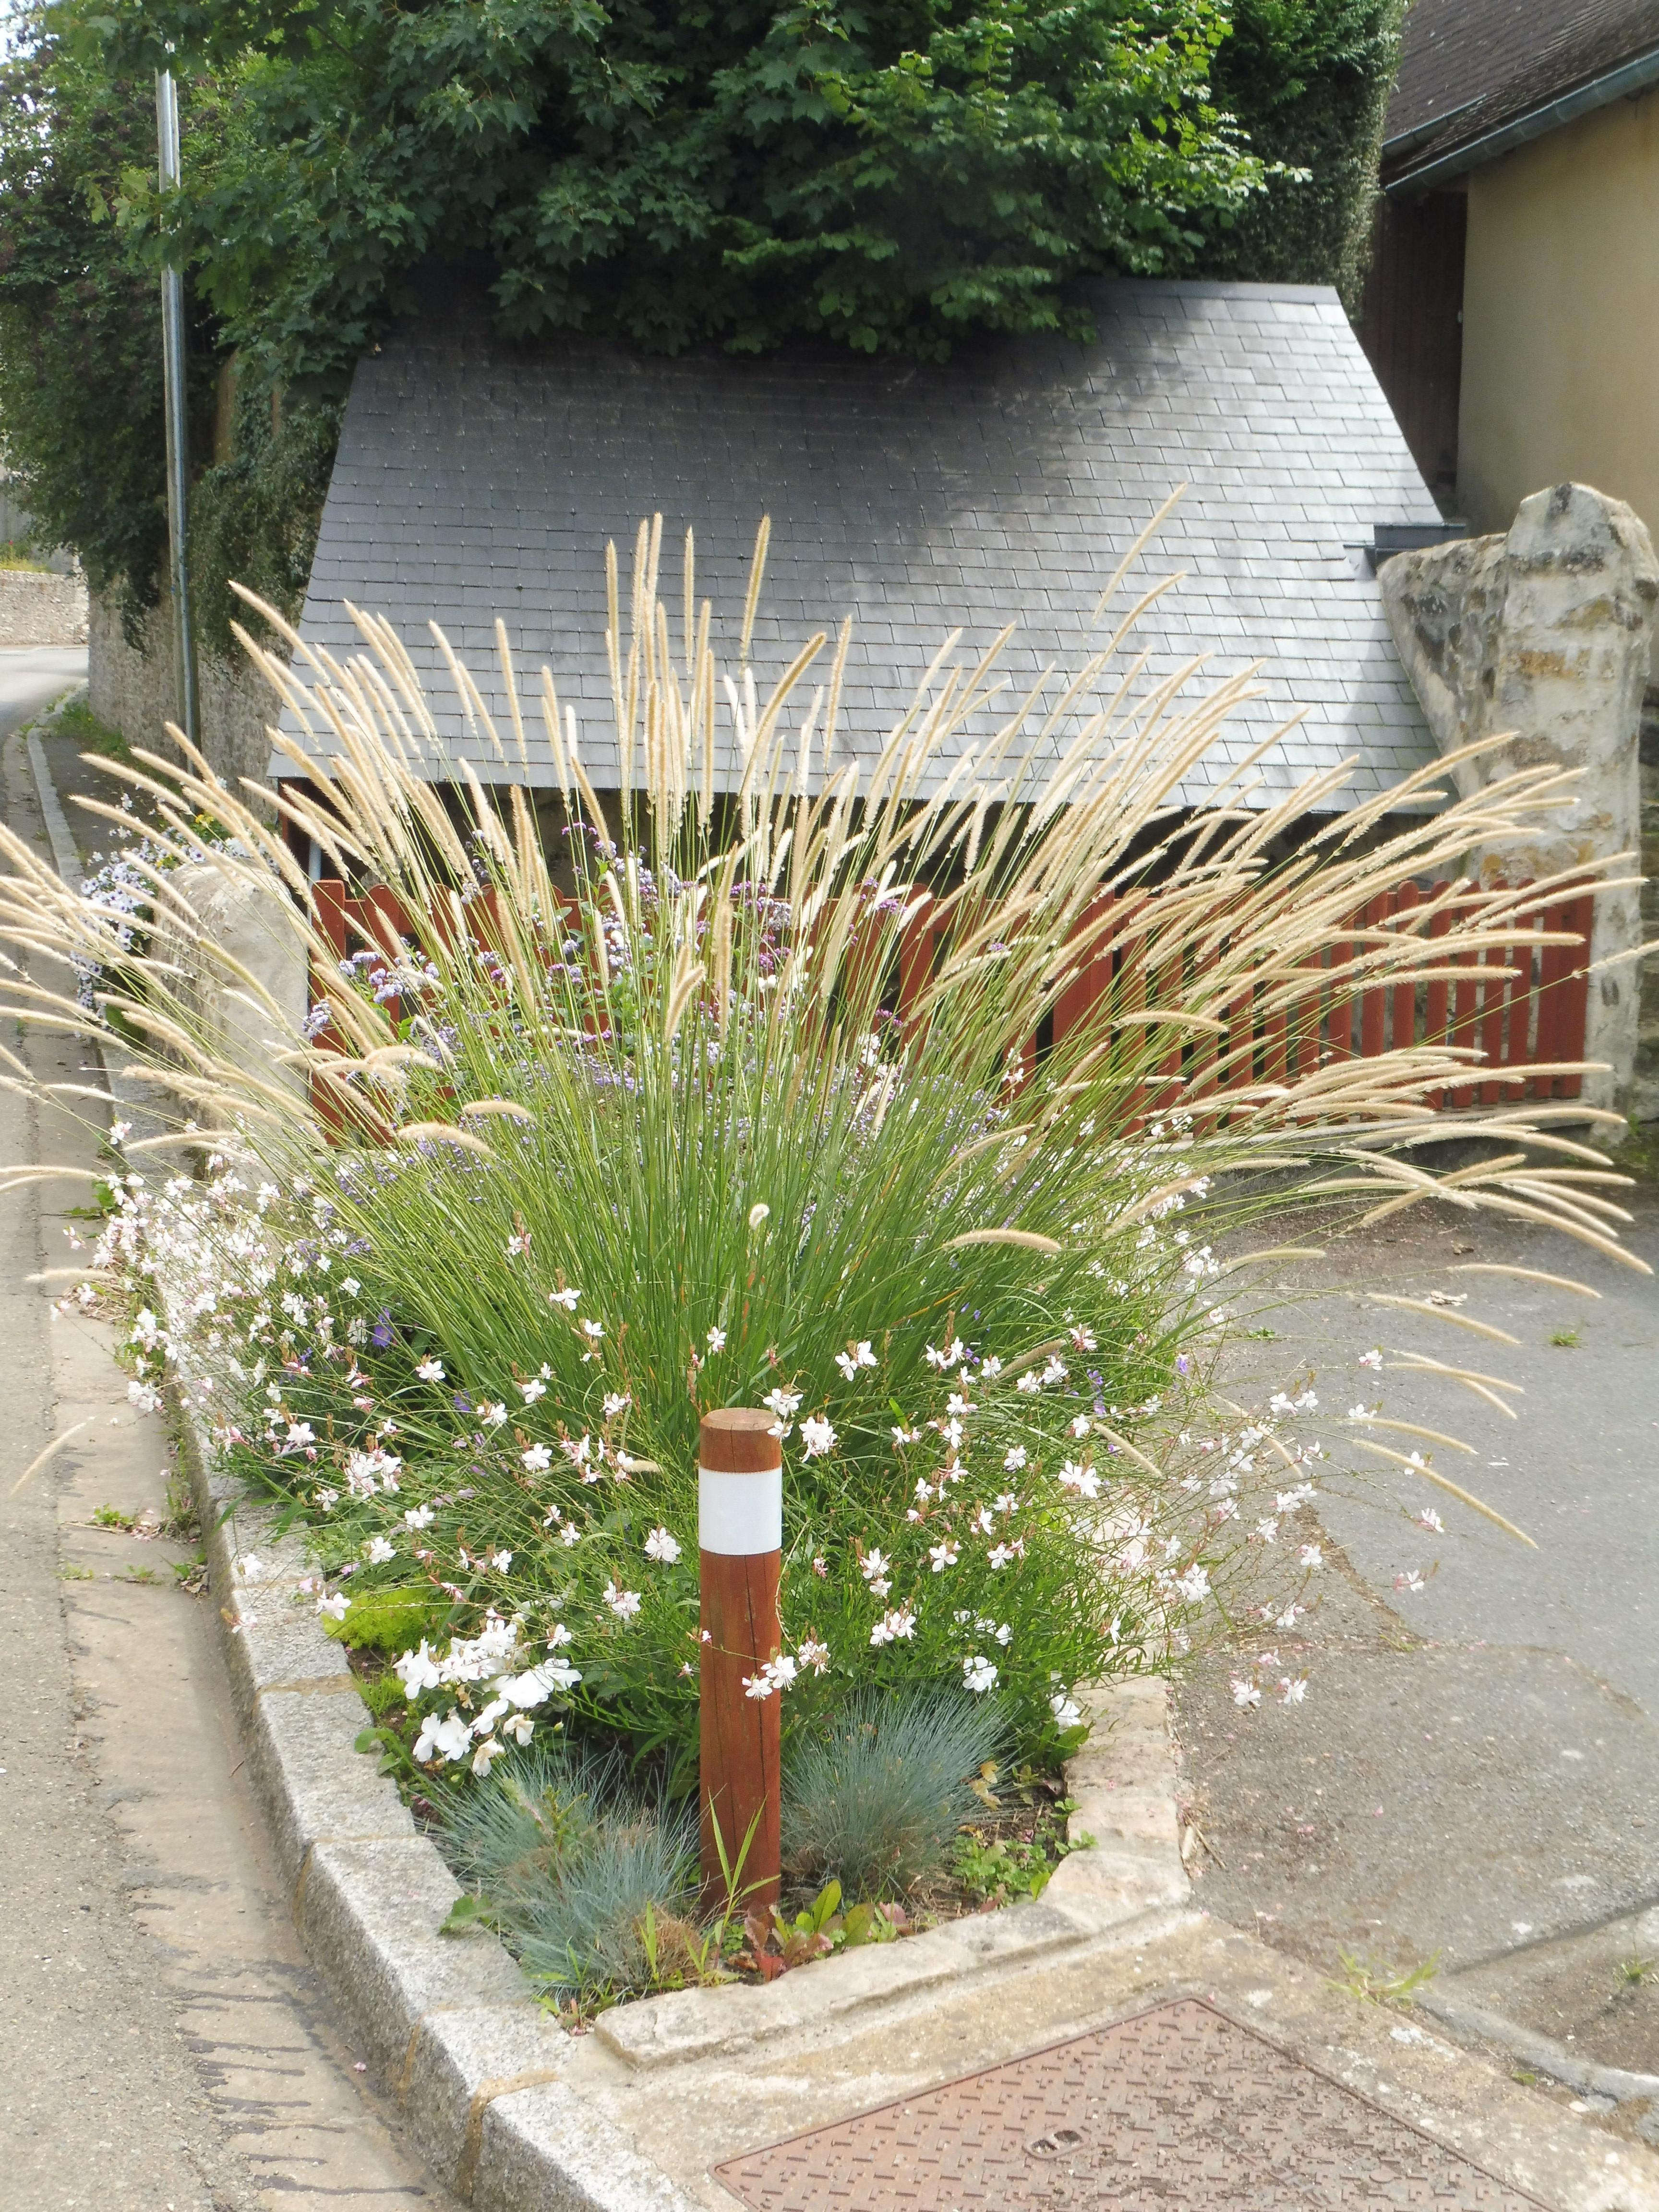 Fleurissement de l'été 2017 (classé 3 fleurs) : quelques images